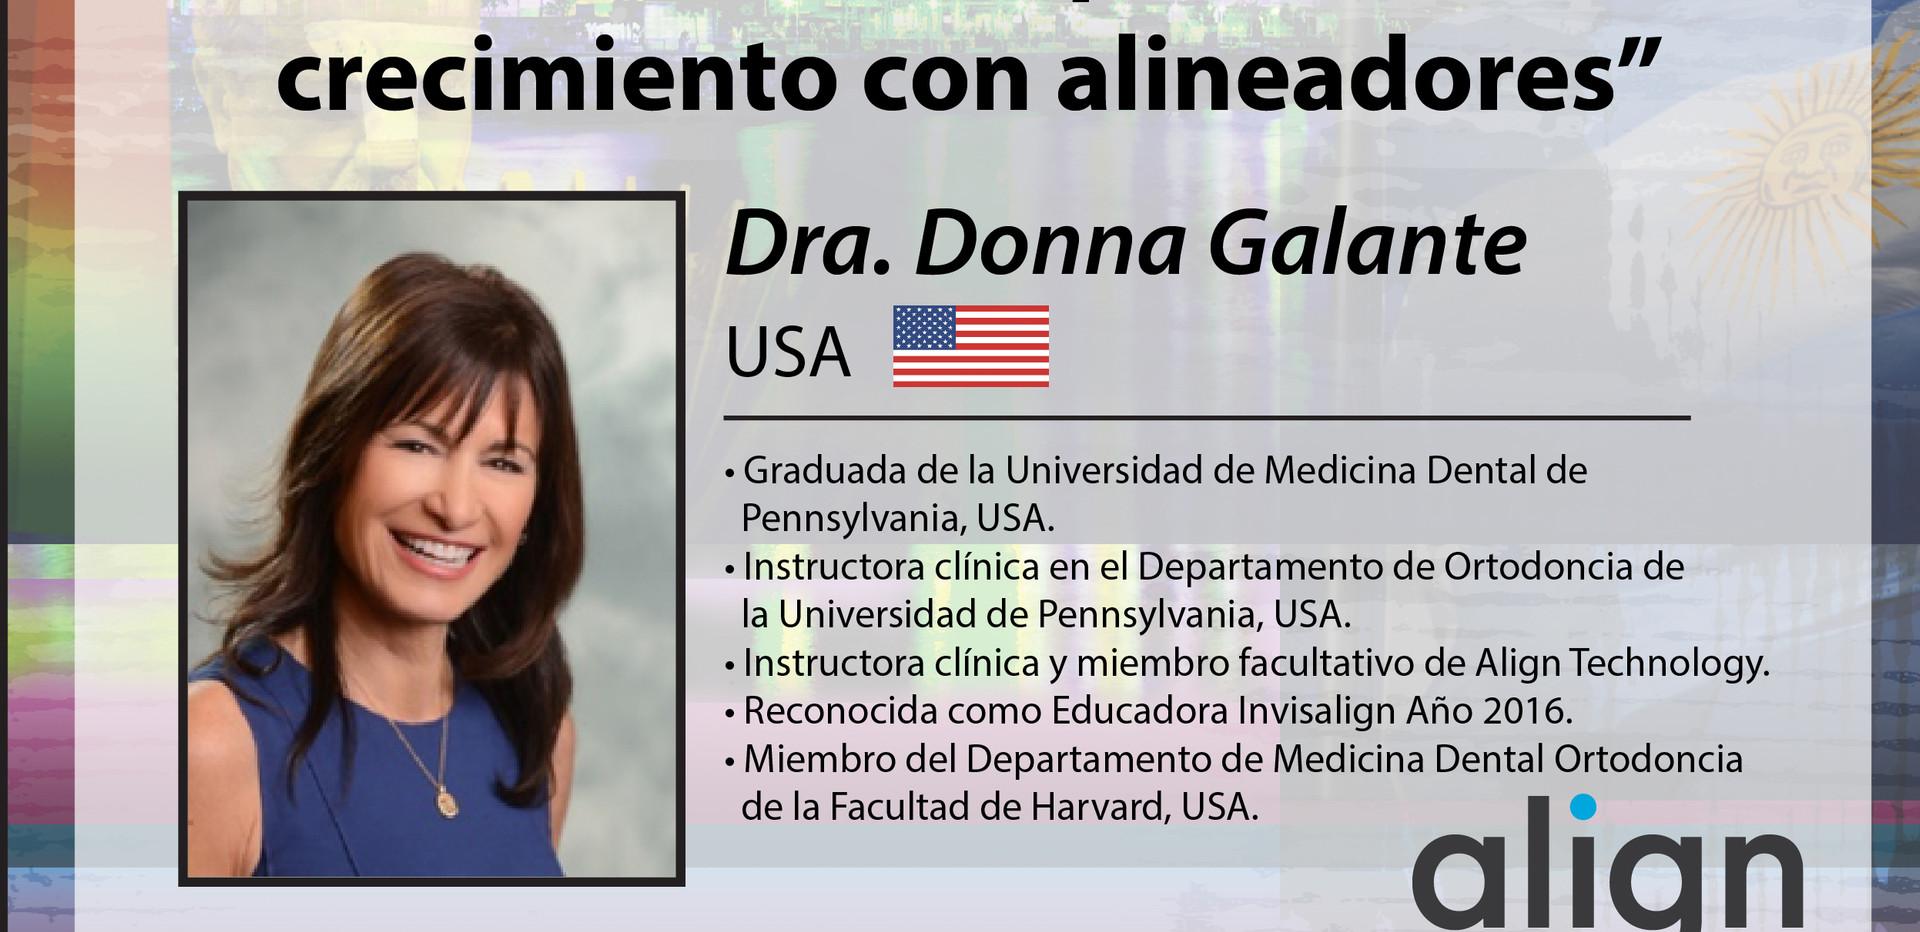 Dra. Donna Galante